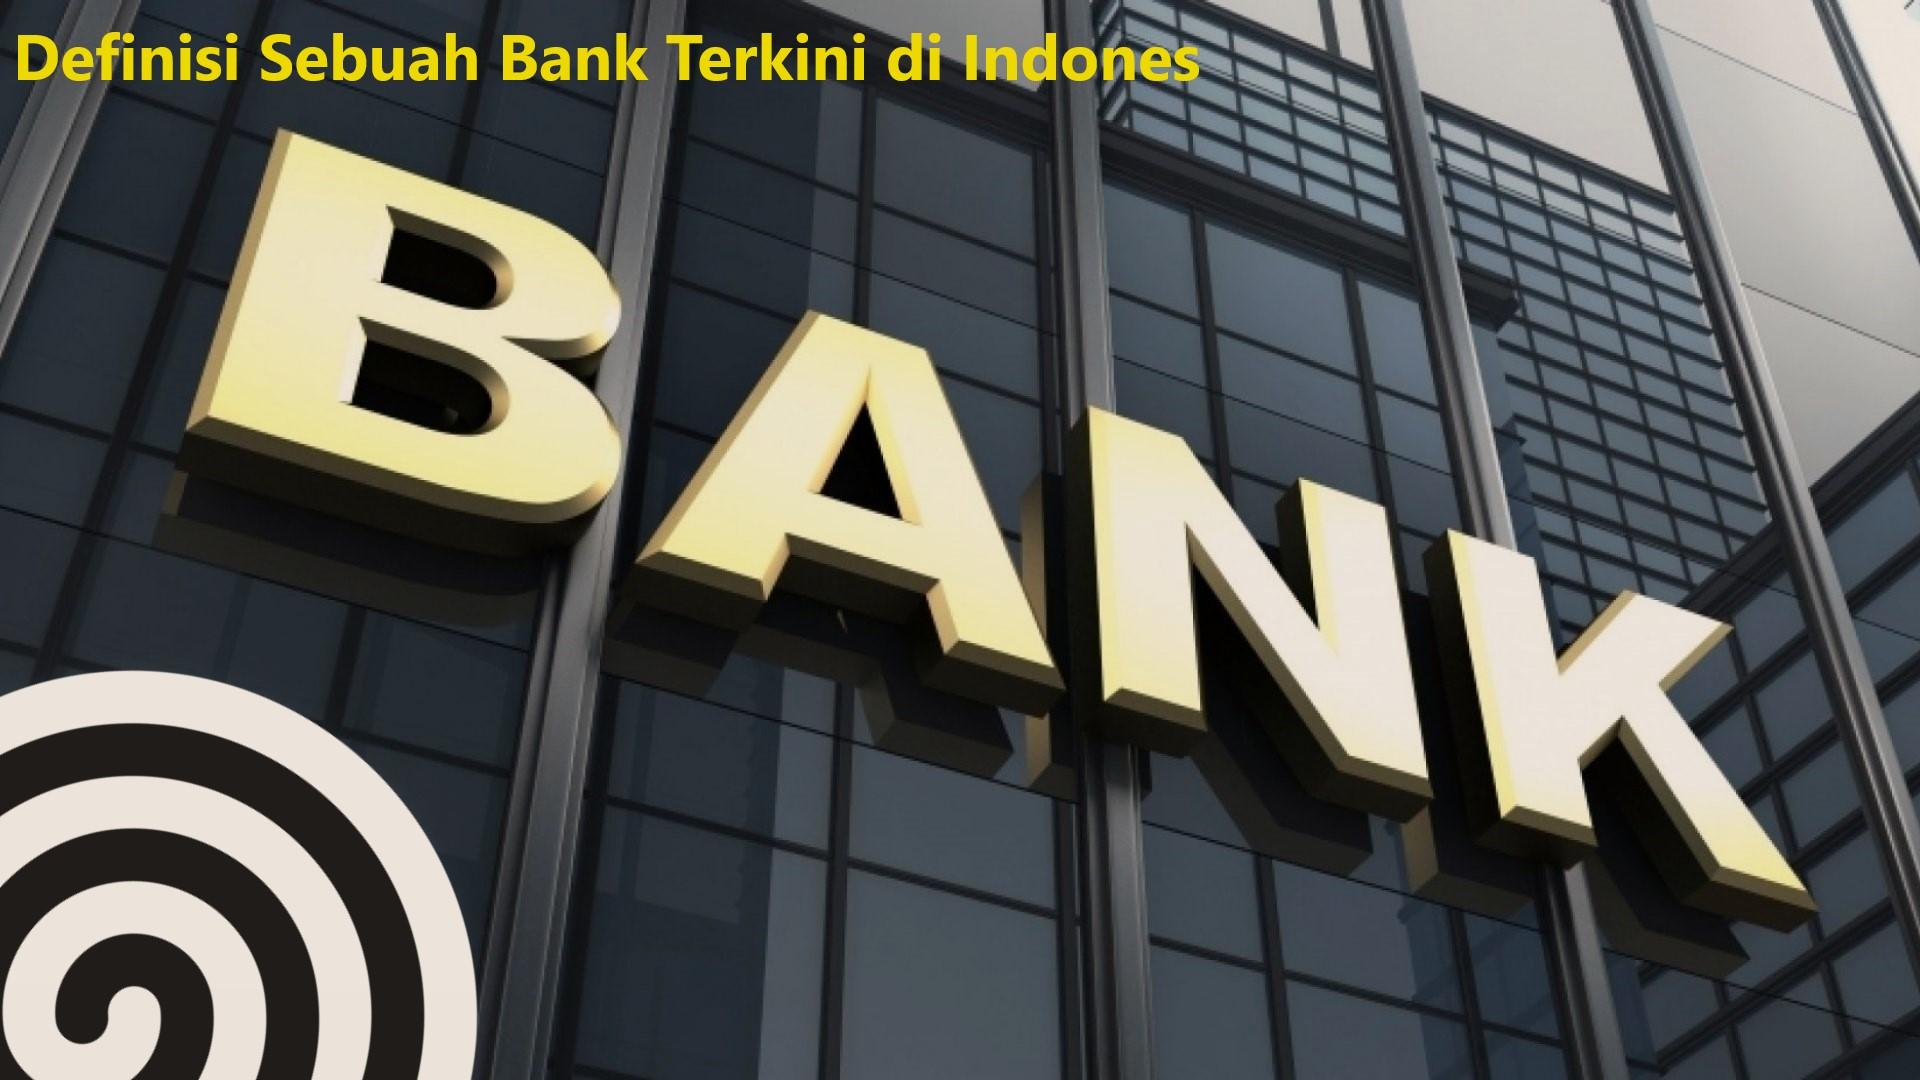 Definisi Sebuah Bank Terkini di Indonesia